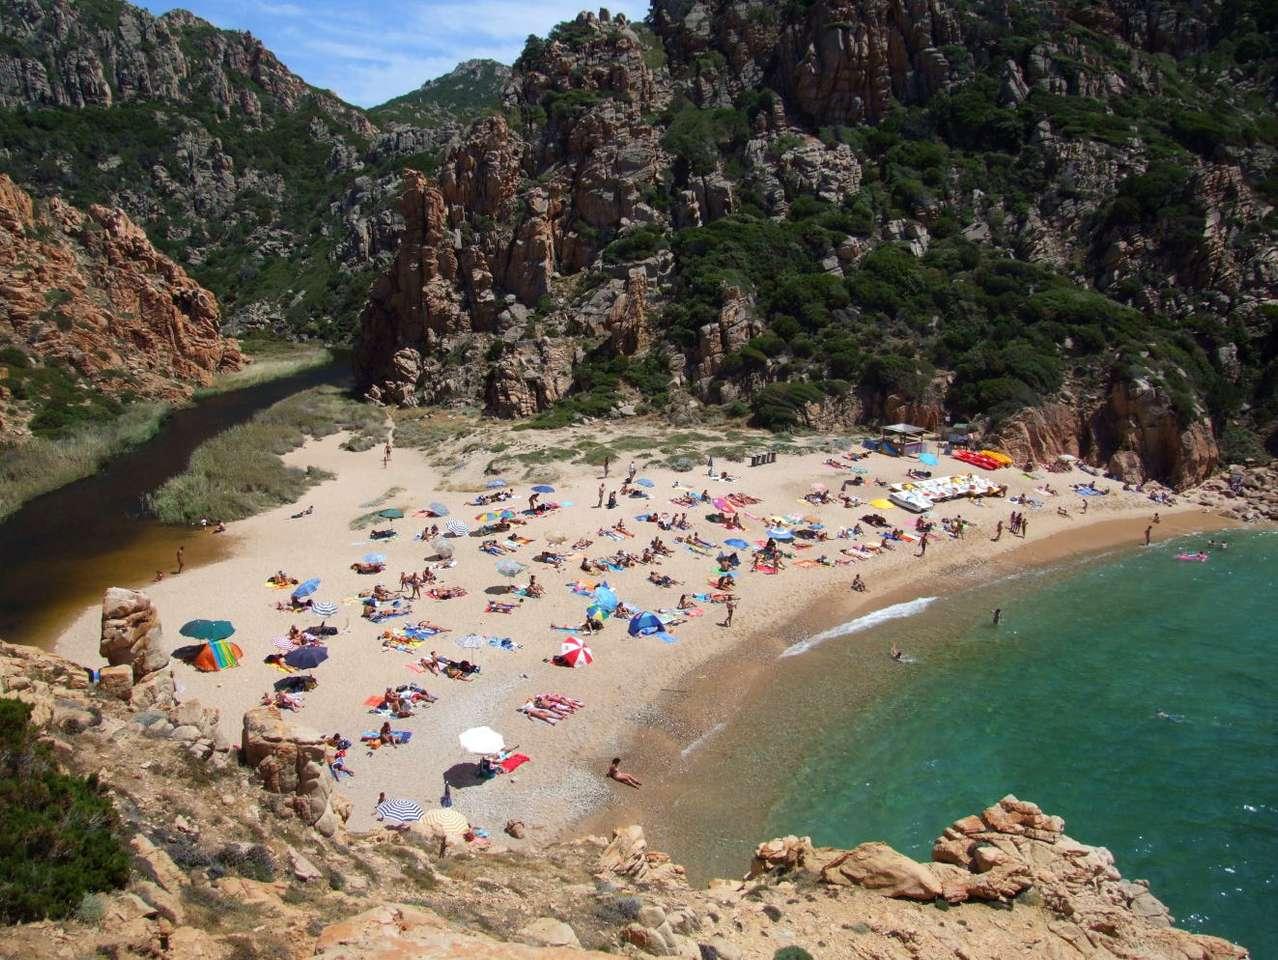 Plaża na Sardynii (Włochy) - Sardynia to należąca do Włoch, druga co wielkości na Morzu Śródziemnym, skalista wyspa. Ma ona nieco ponad 24 tysiące kilometrów kwadratowych powierzchni. Ceniona jest ze względu na piękne p (9×7)